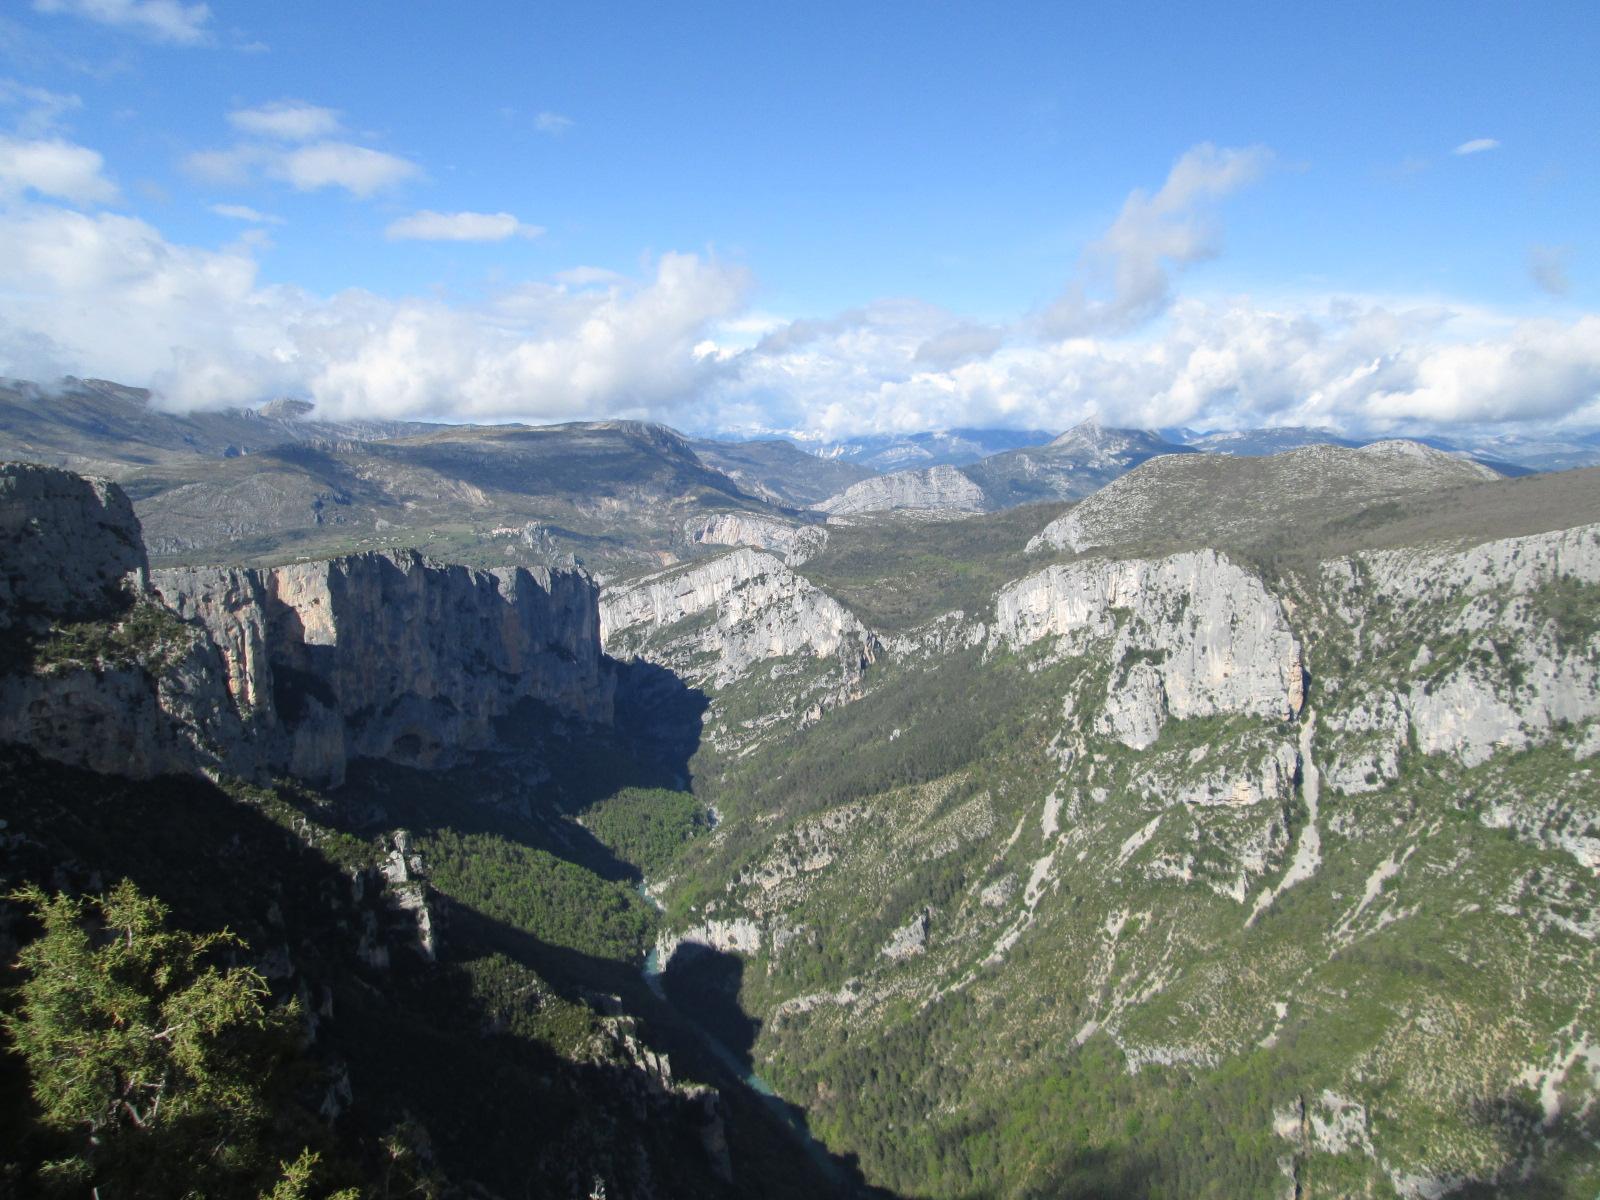 Sentiero Martel Traversata La Maline-Point Sublime 2014-05-02